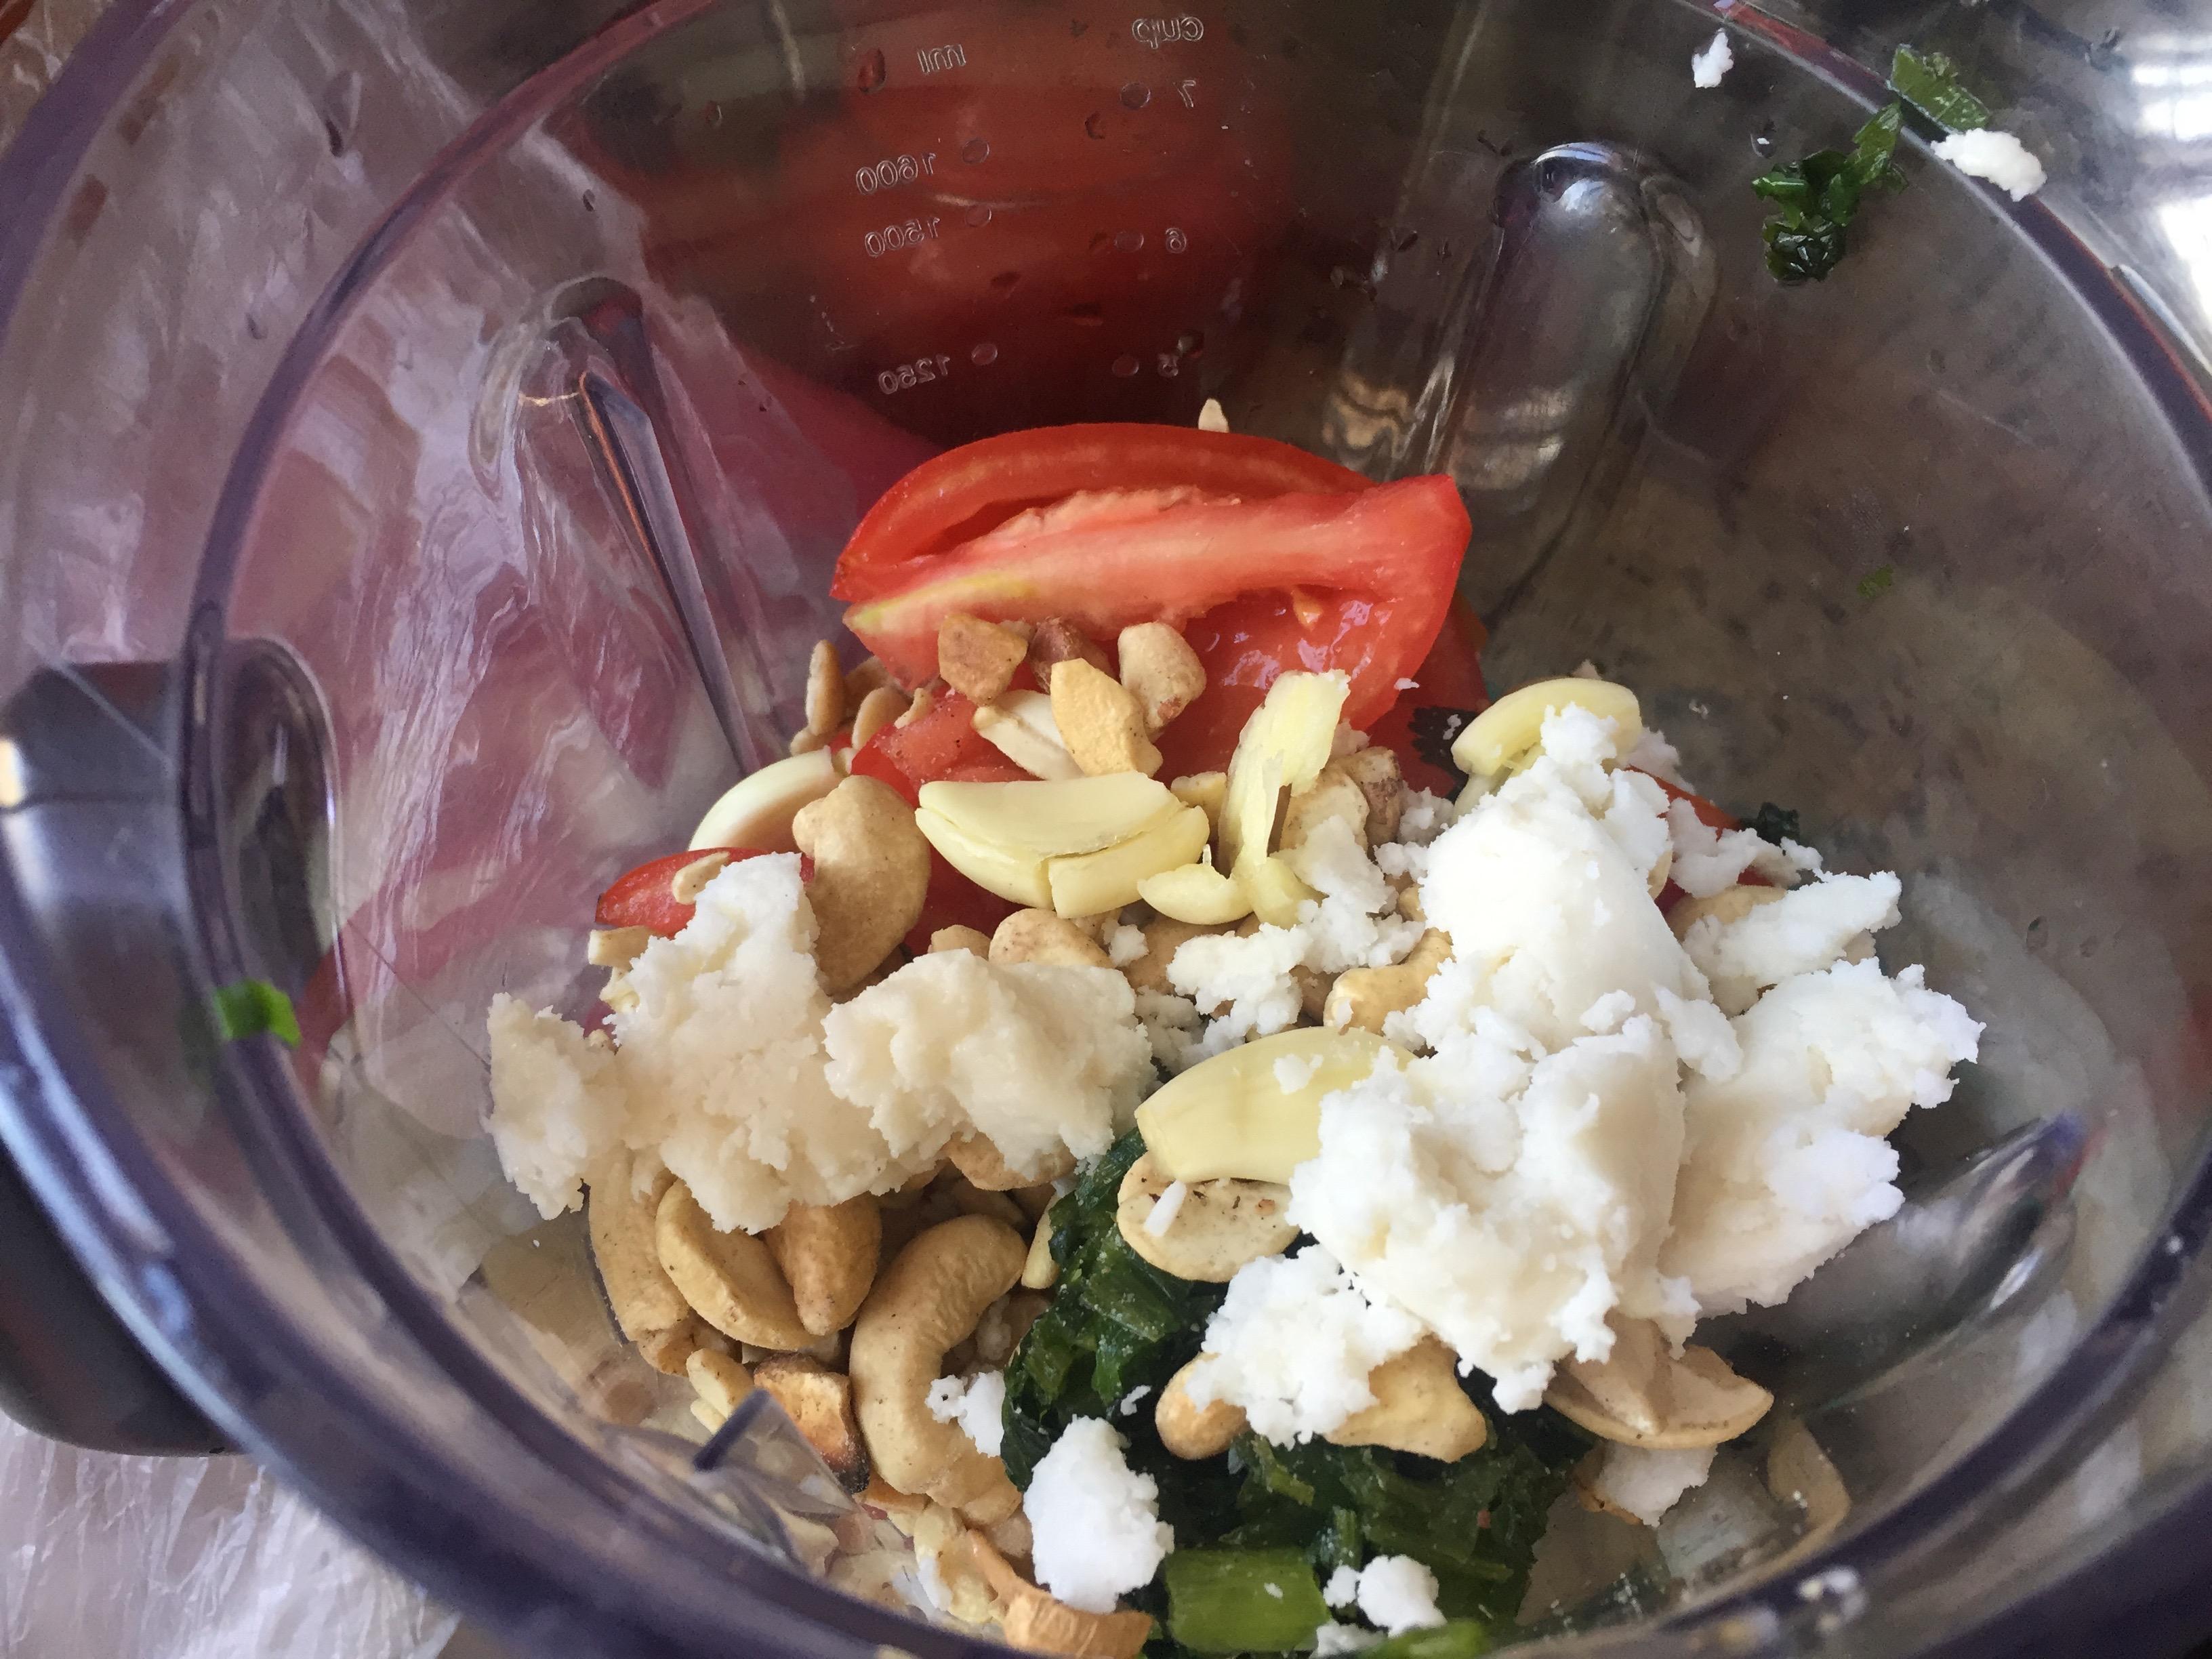 Bater no liquidificador: 3 tomates maduros + 1/2 pimentão + 2 cebolas médias + 3 colheres de sopa de amendoim torrado sem casca + 3 colheres de sopra de casinha de cajú sem casca + 5 dentes de alho + 4 colheres de sopa de manteiga de coco (uso COPRA)  + 1/2 xícara de camarão seco com casca e cabeça (sem olhos) + 1 xícara de água